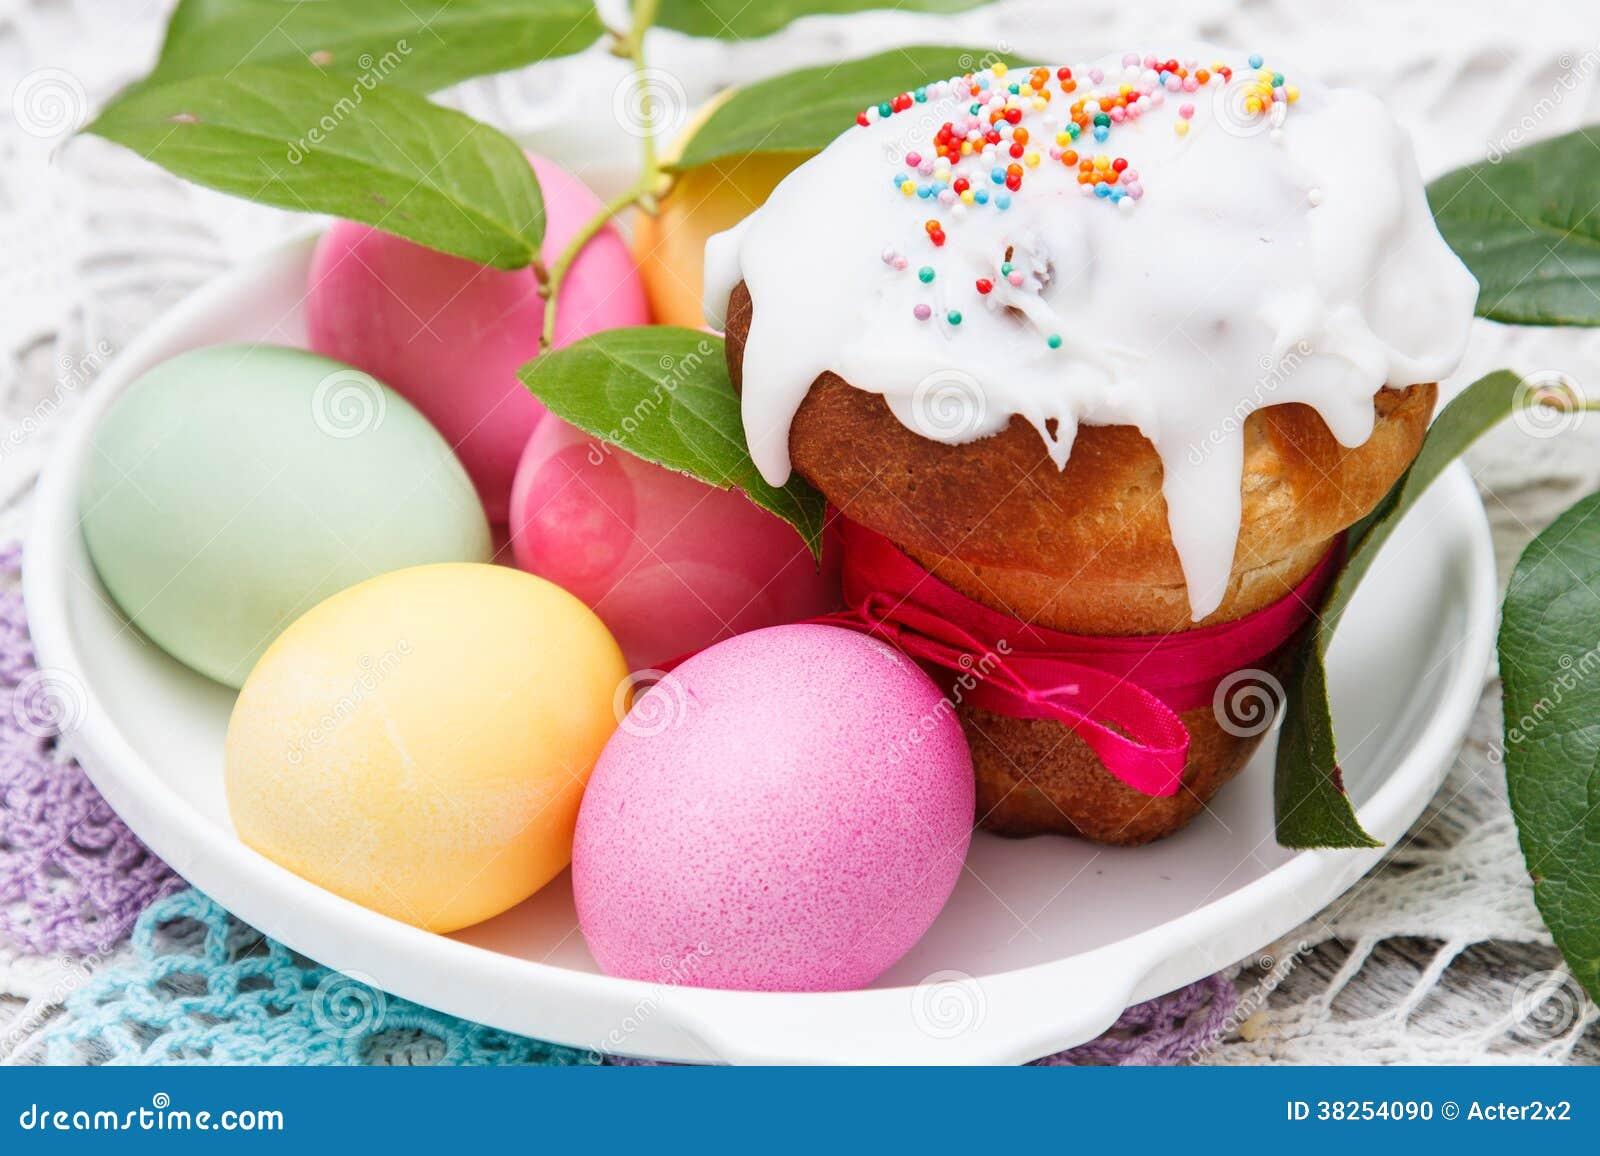 复活节蛋糕和五颜六色的鸡蛋